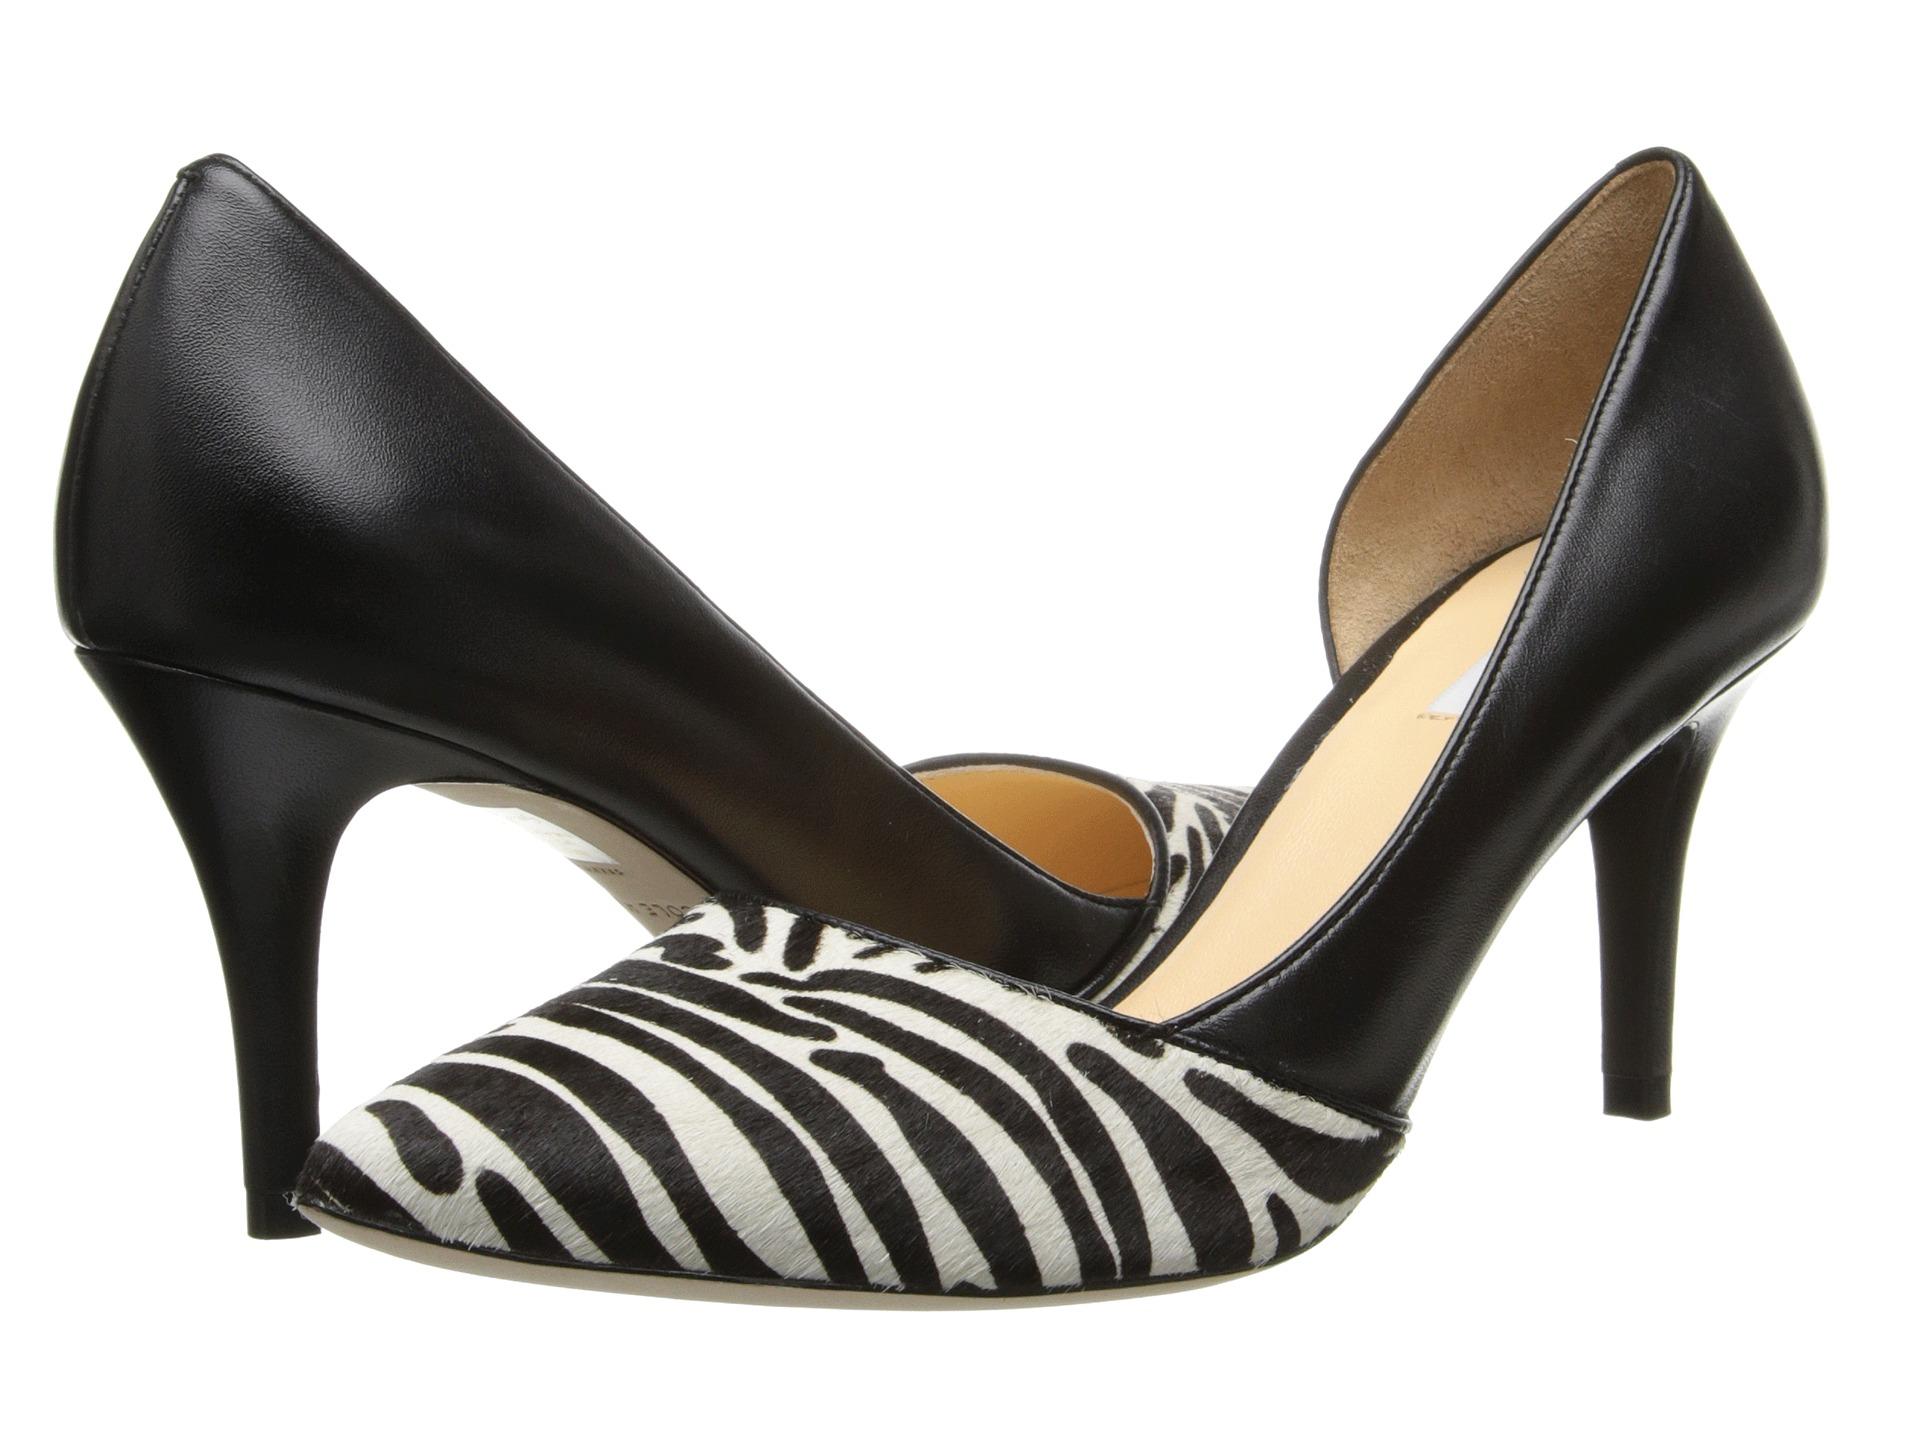 Cole Haan Shoe Size Measurements